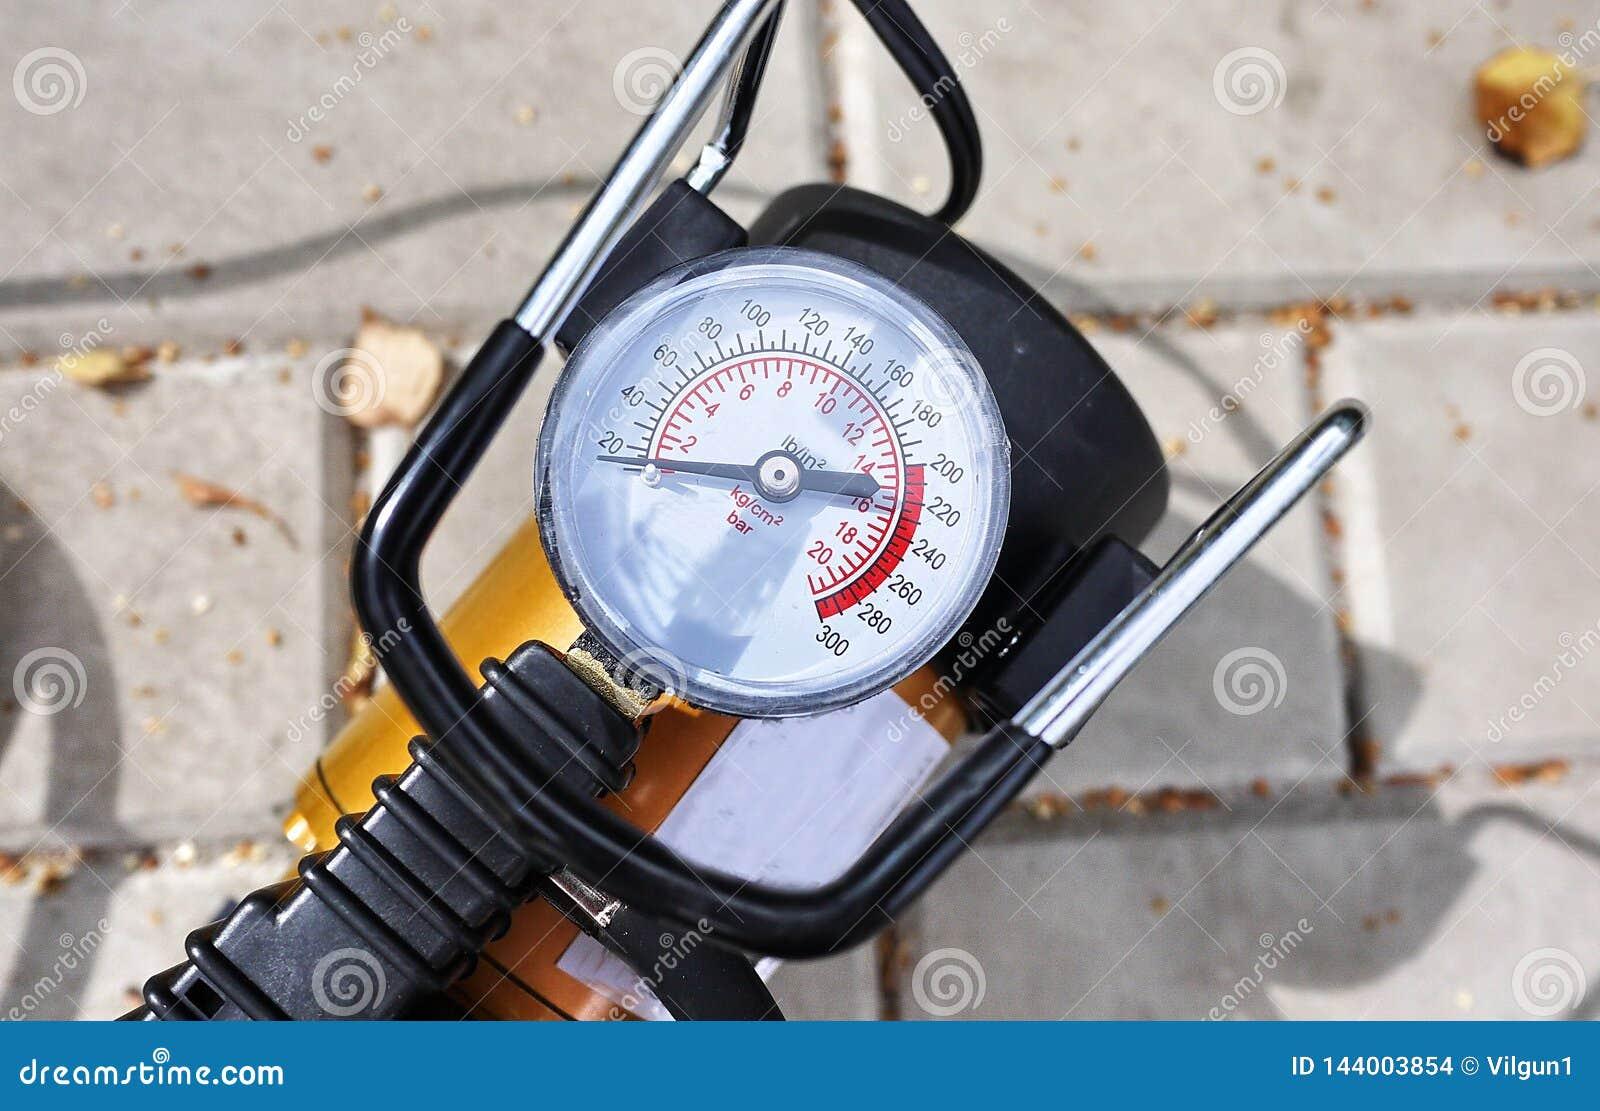 Pompe de voiture Le compresseur automatique de voiture vous aidera à pomper l air non seulement dans les roues de votre voiture,